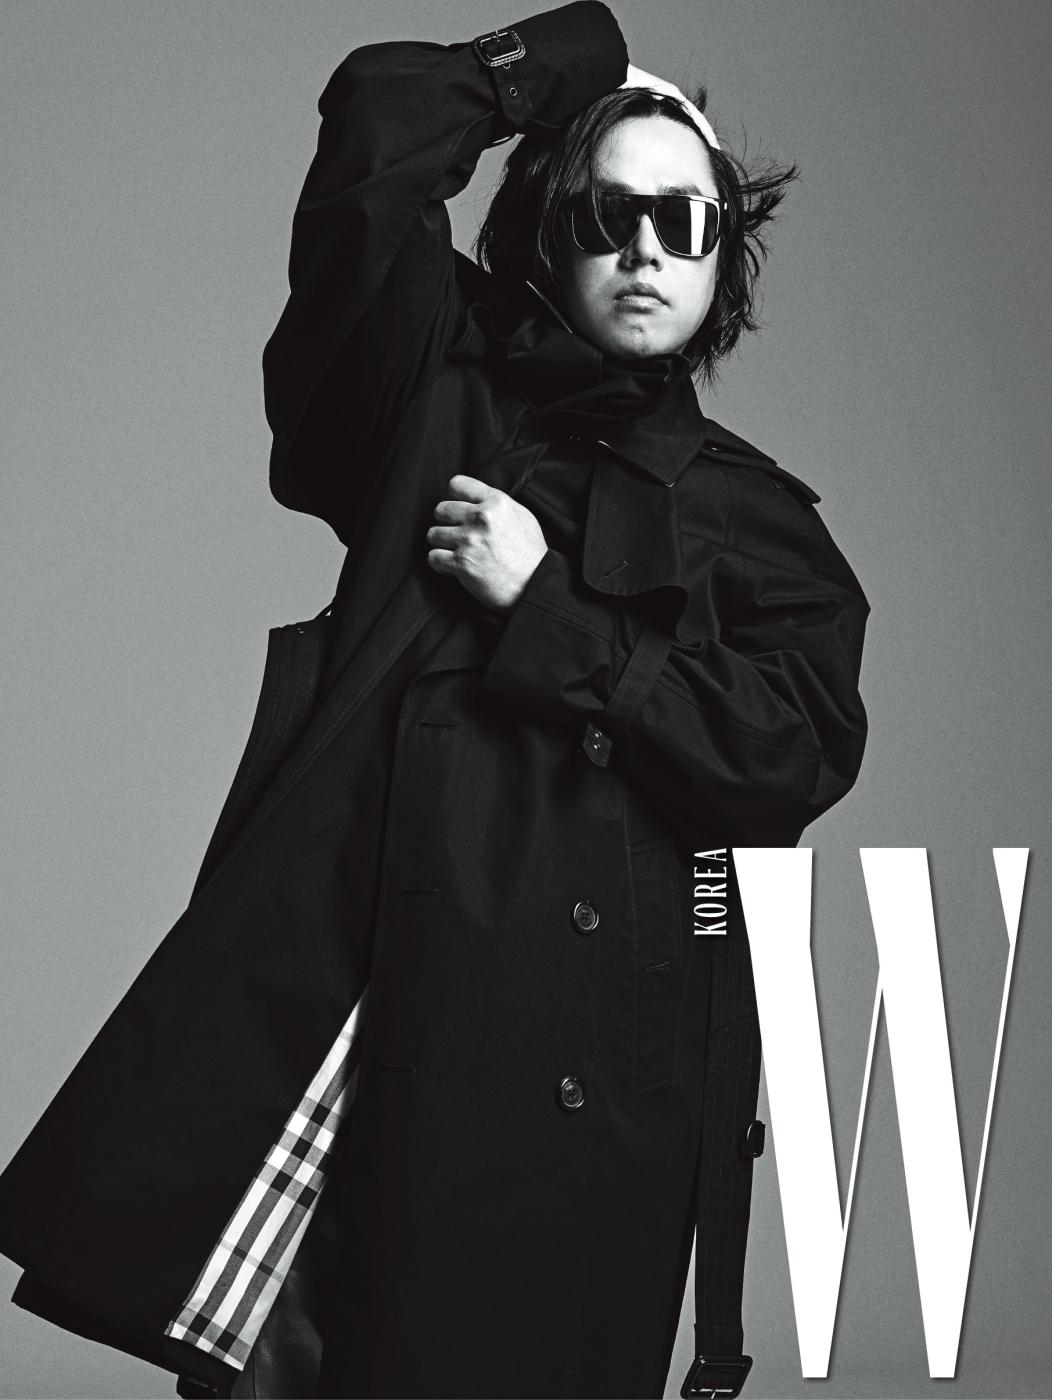 조웅이 입은 트렌치코트는 Burberry, 안에 입은 깅엄 체크 셔츠는 Dior Homme, 선글라스는 Saint Laurent 제품.